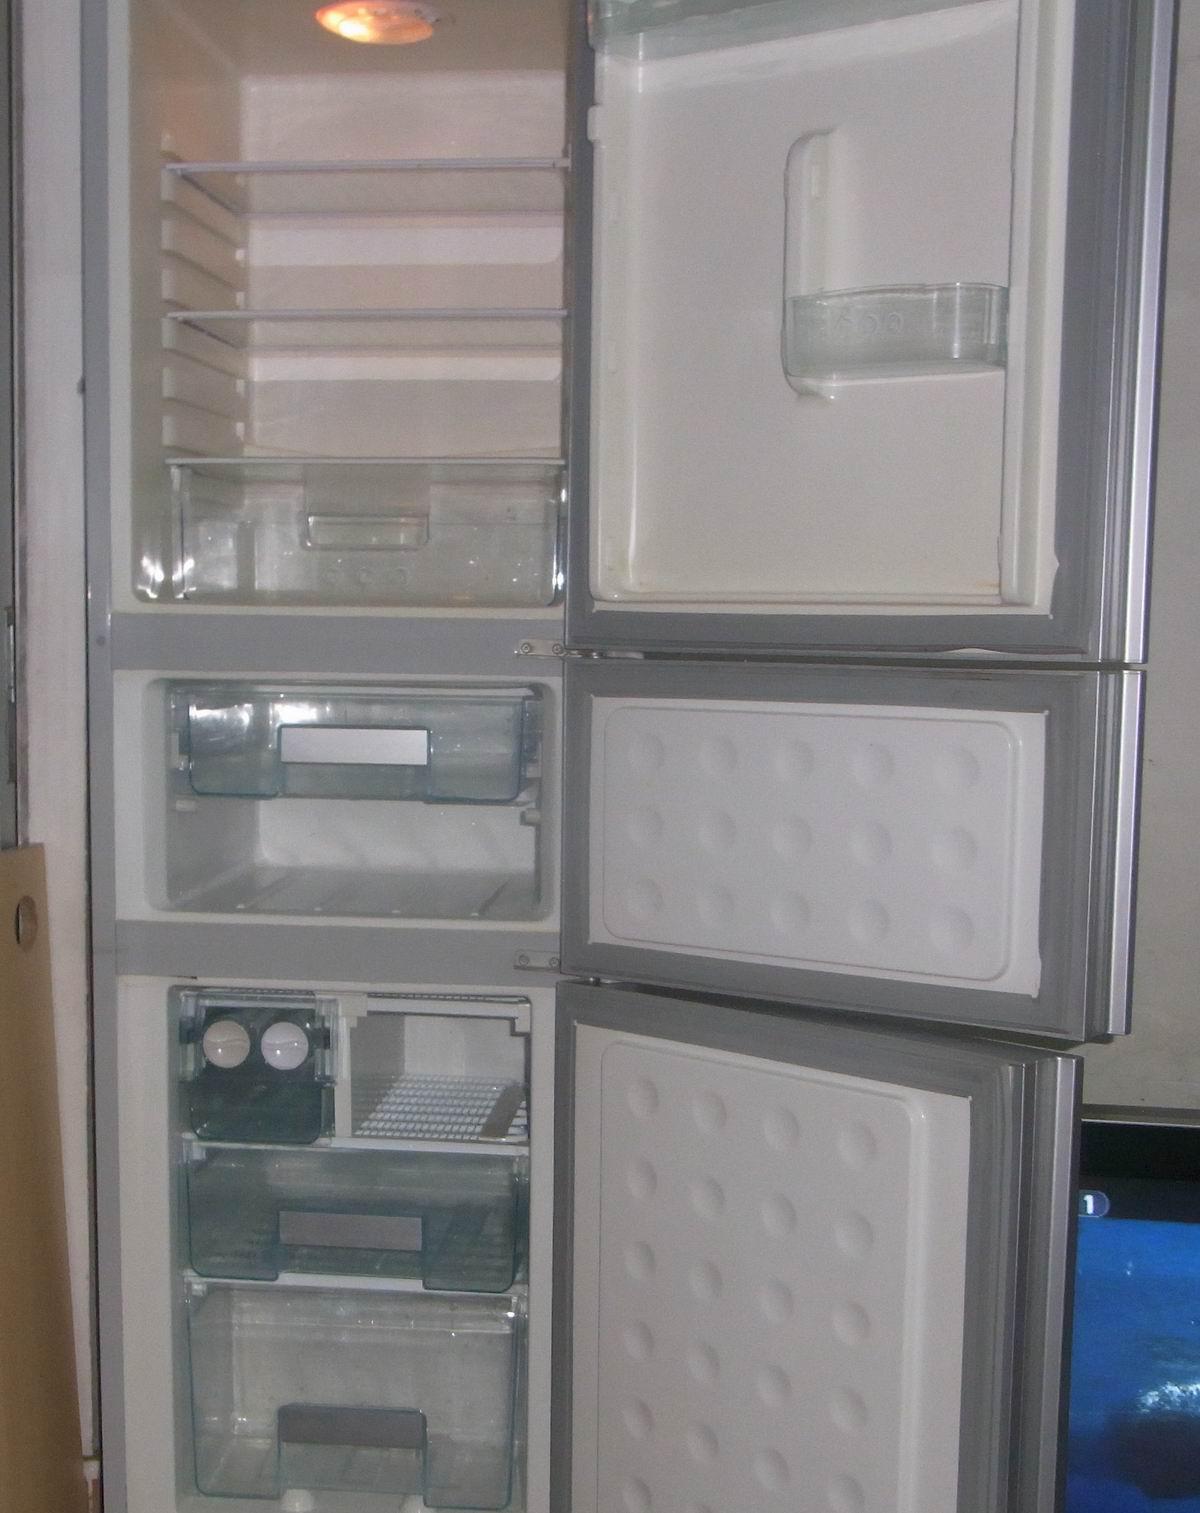 熊猫电冰箱.